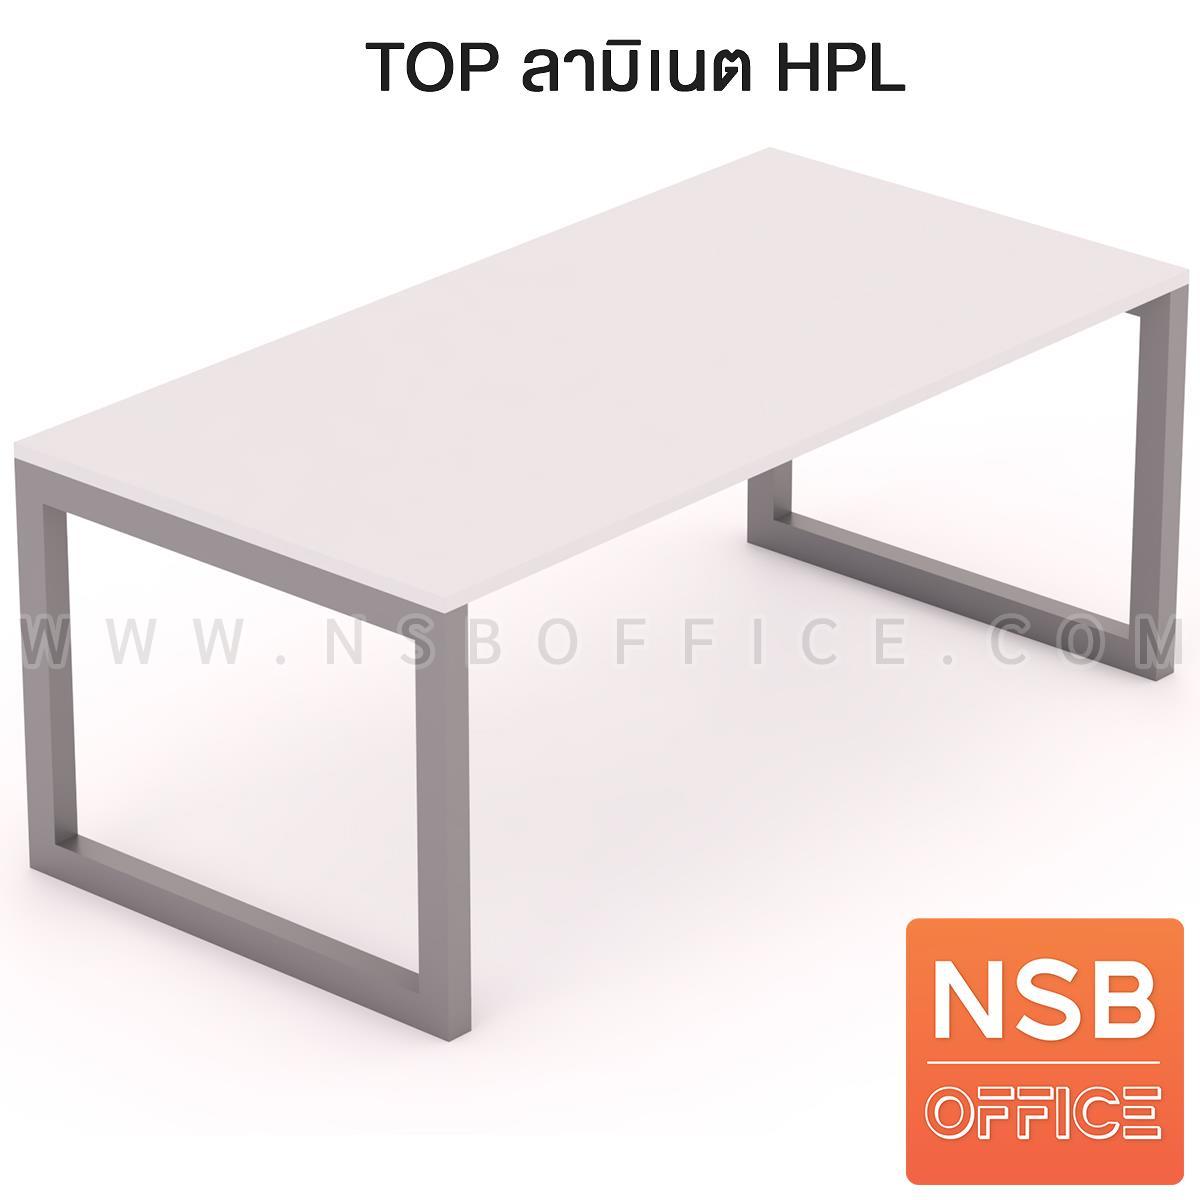 โต๊ะงานทดลอง รุ่น Labseries  ขนาด 150W, 180W, 200W cm. หน้าท็อป HPL และคอมแพคลามิเนต ขาเหล็ก EPOXY